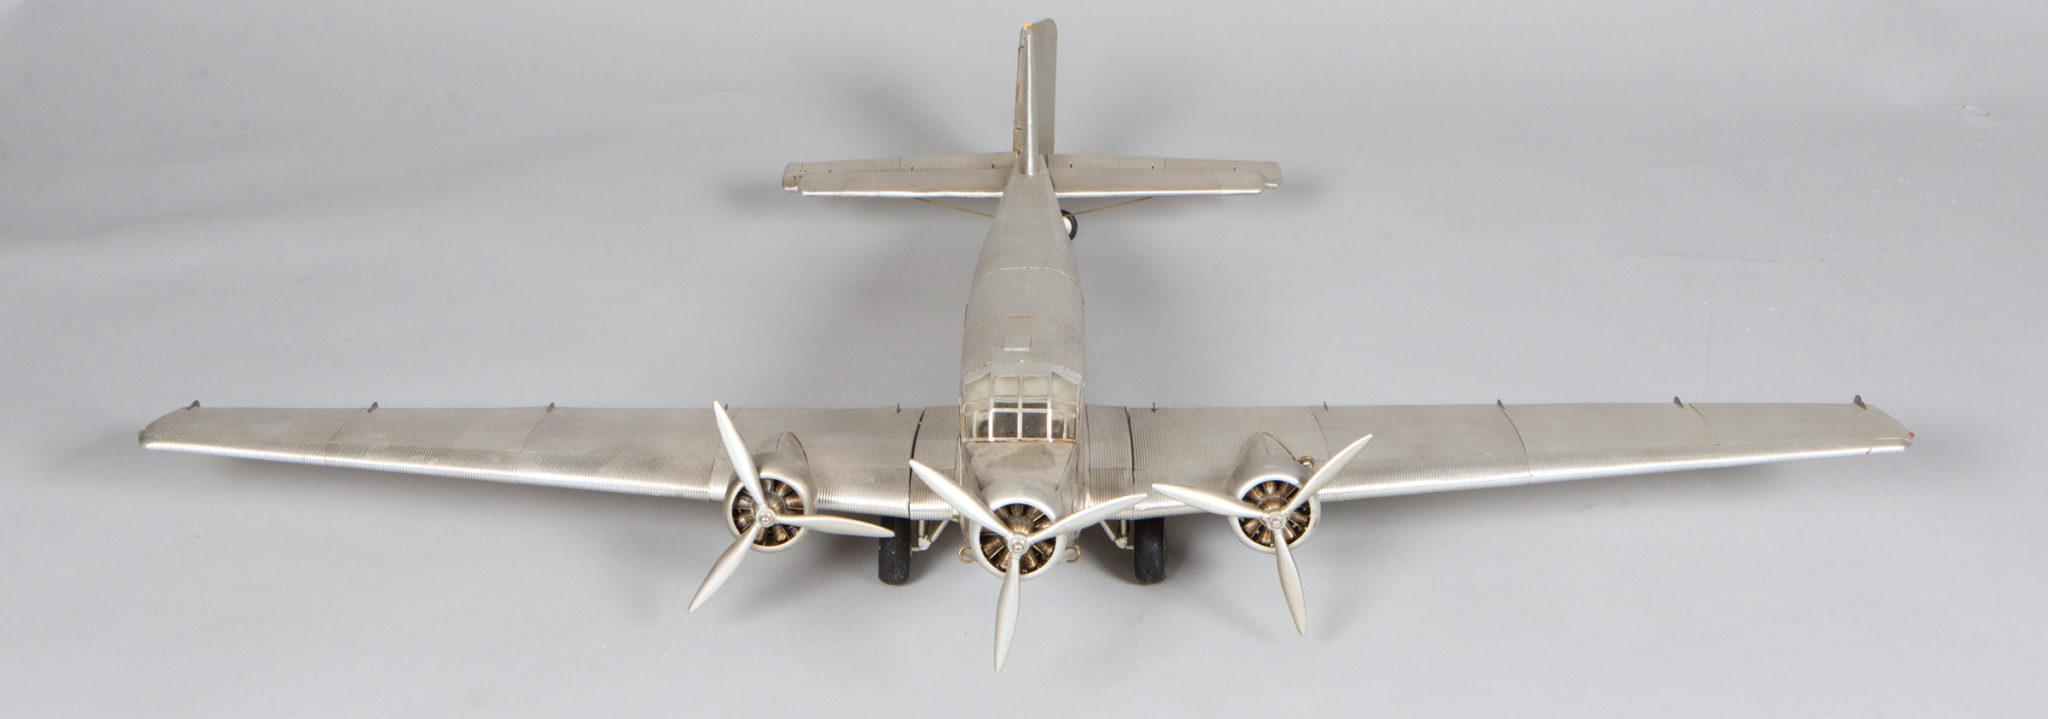 Fokker 1938 Trimotor Model Airplane